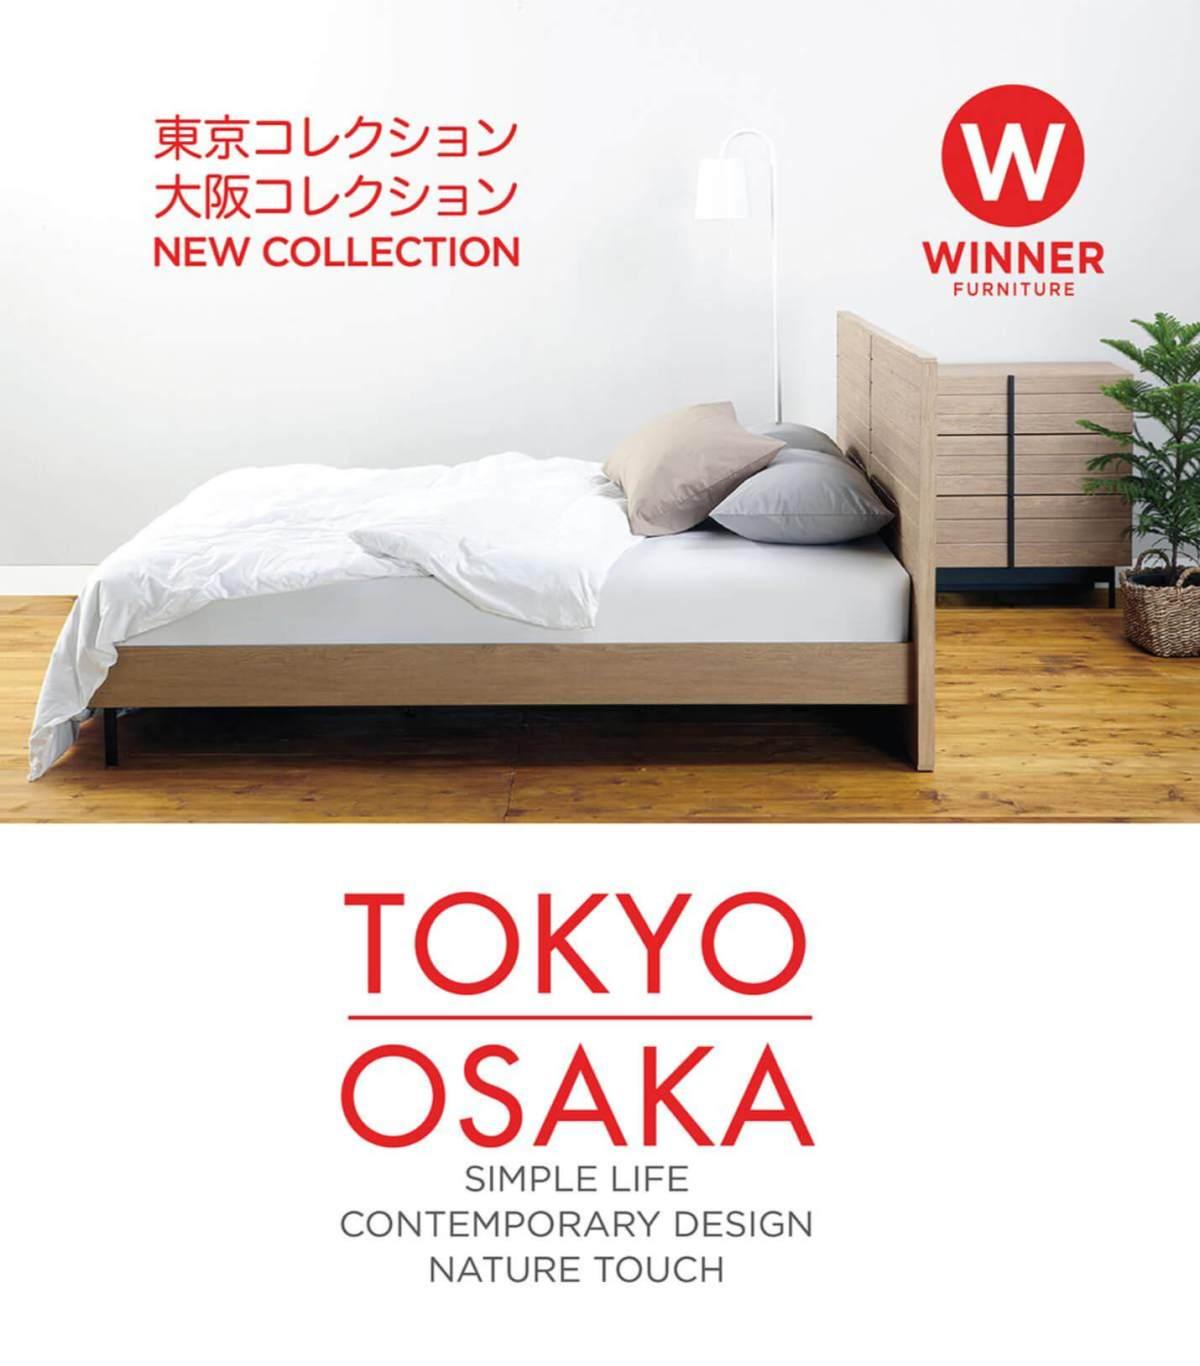 10 ไอเดียแต่งบ้านสไตล์ญี่ปุ่น เปลี่ยนบ้านไทยและคอนโดในกรุงเทพให้เหมือนอยู่ TOKYO-OSAKA 33 - Highlight